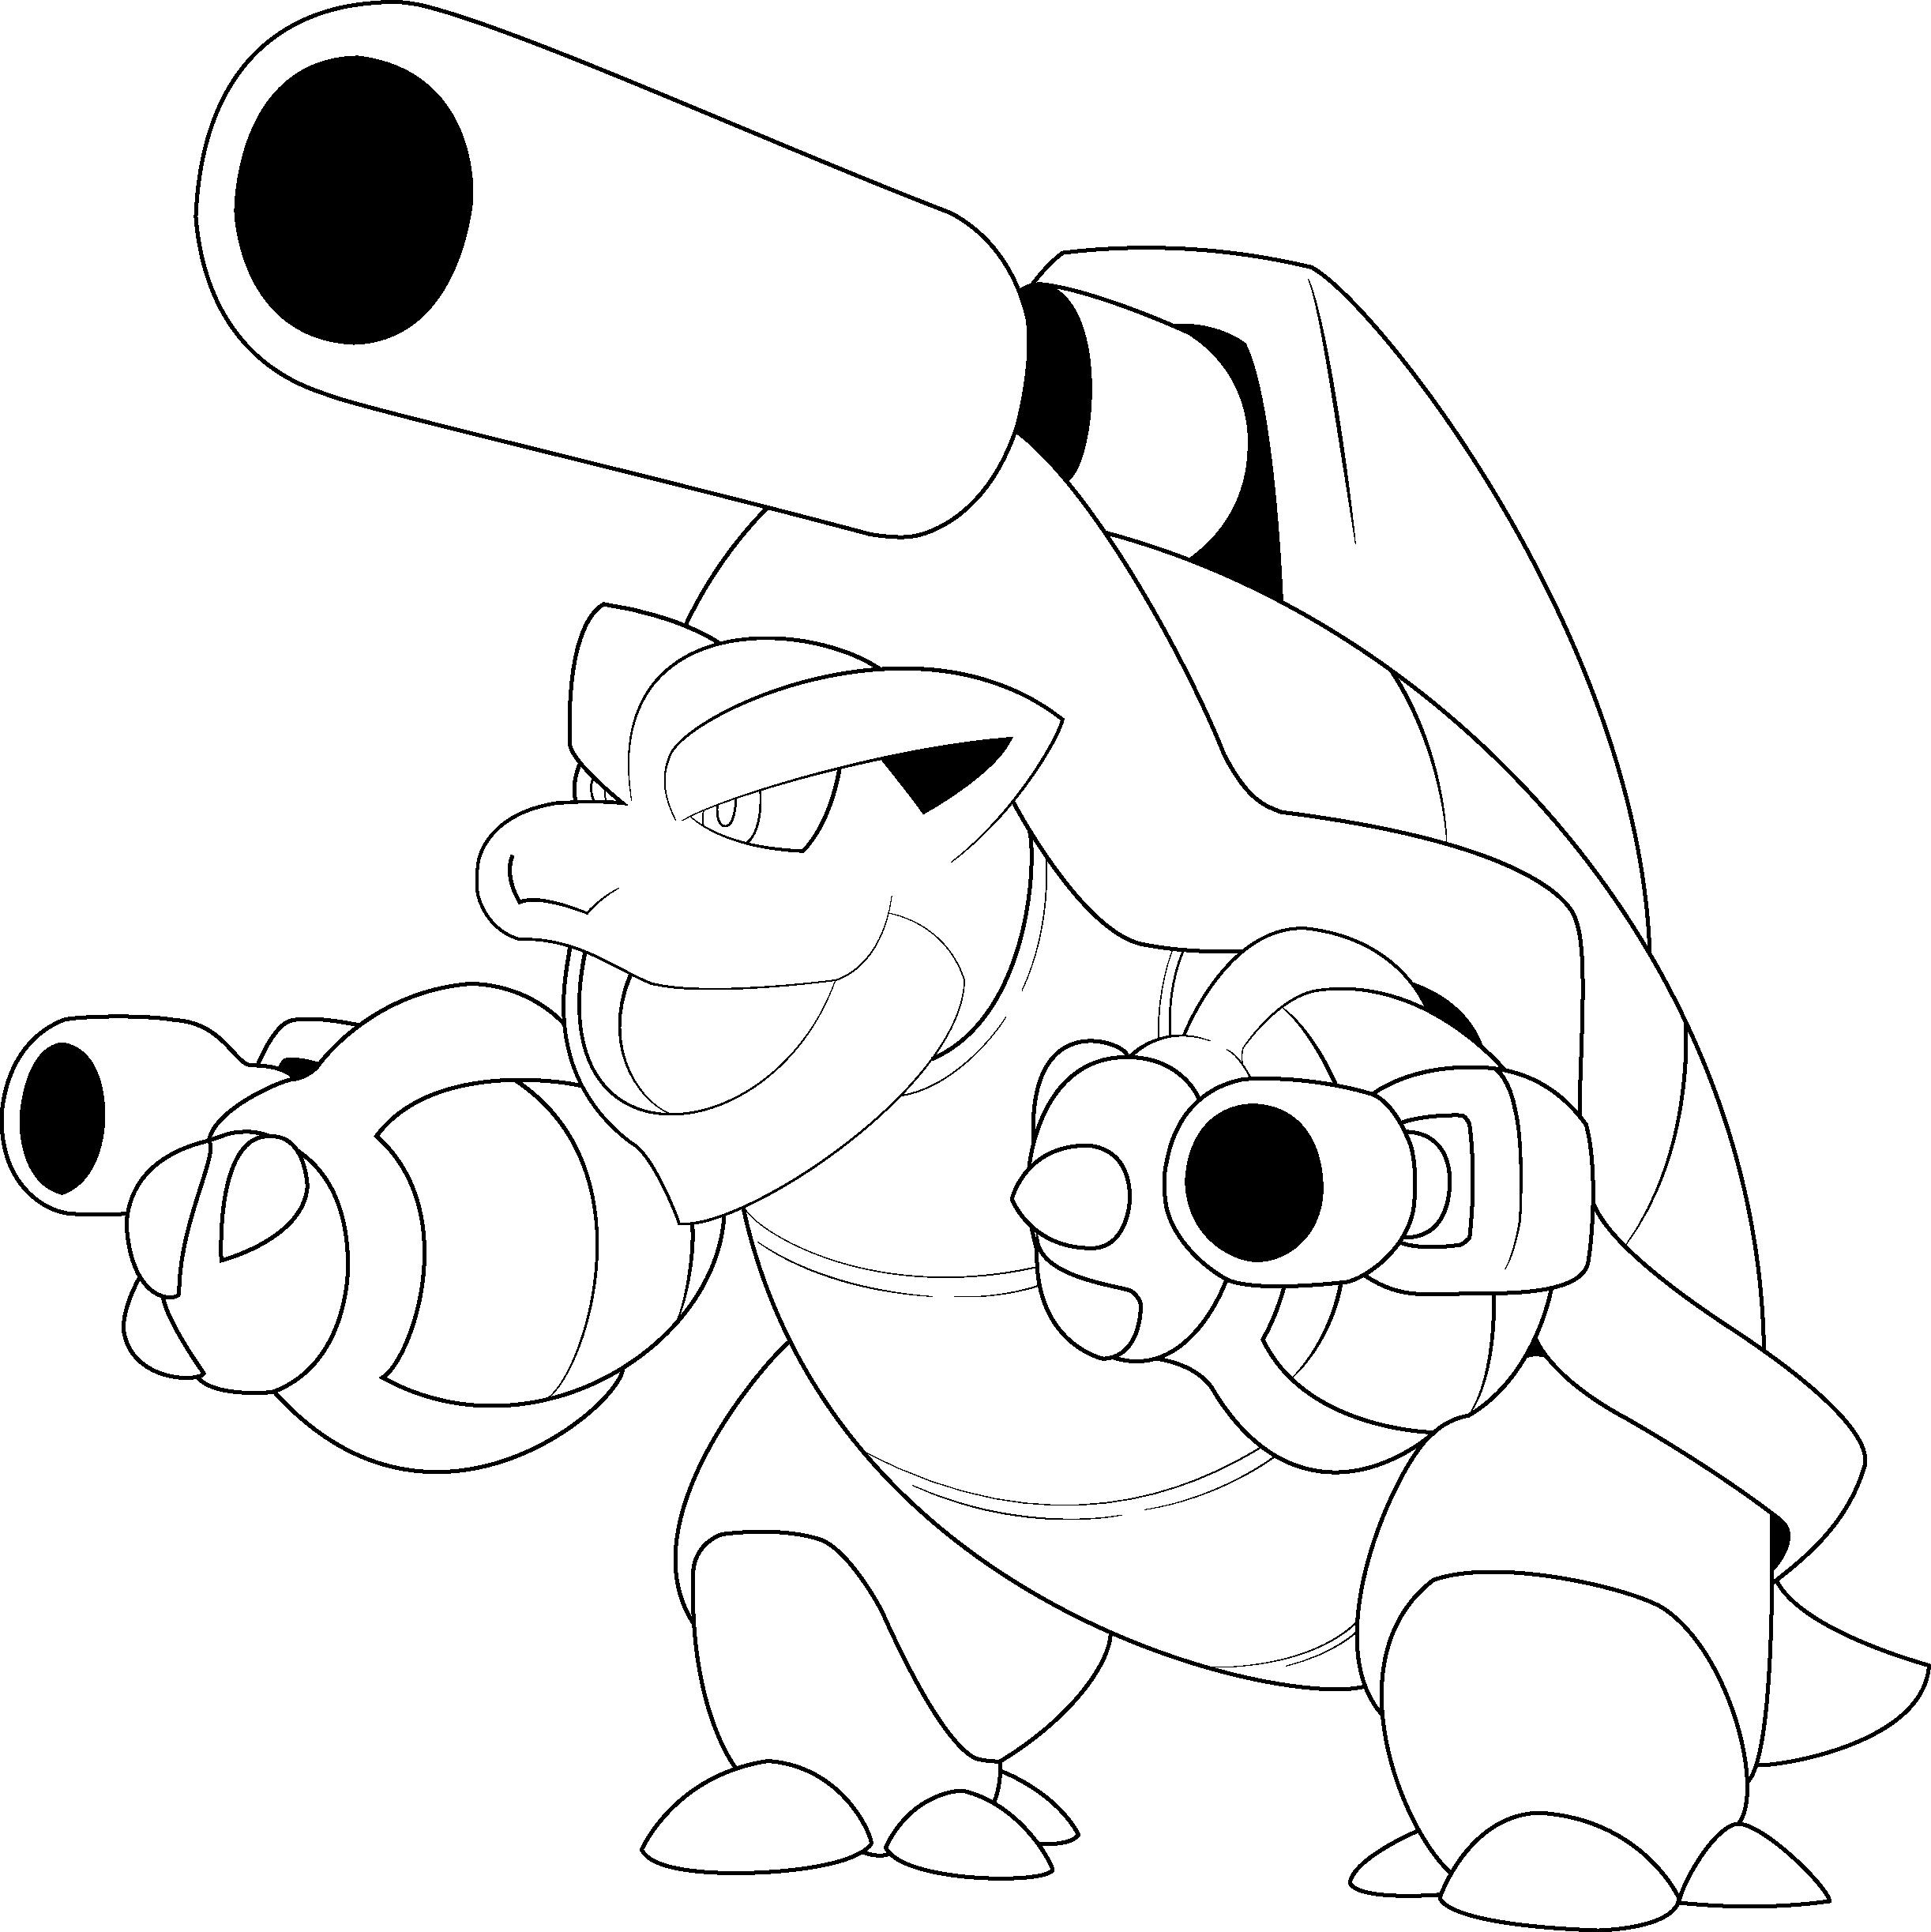 2445x2446 Mega Blastoise Lineart By Alcadeas1 Lineart Pokemon (Detailed